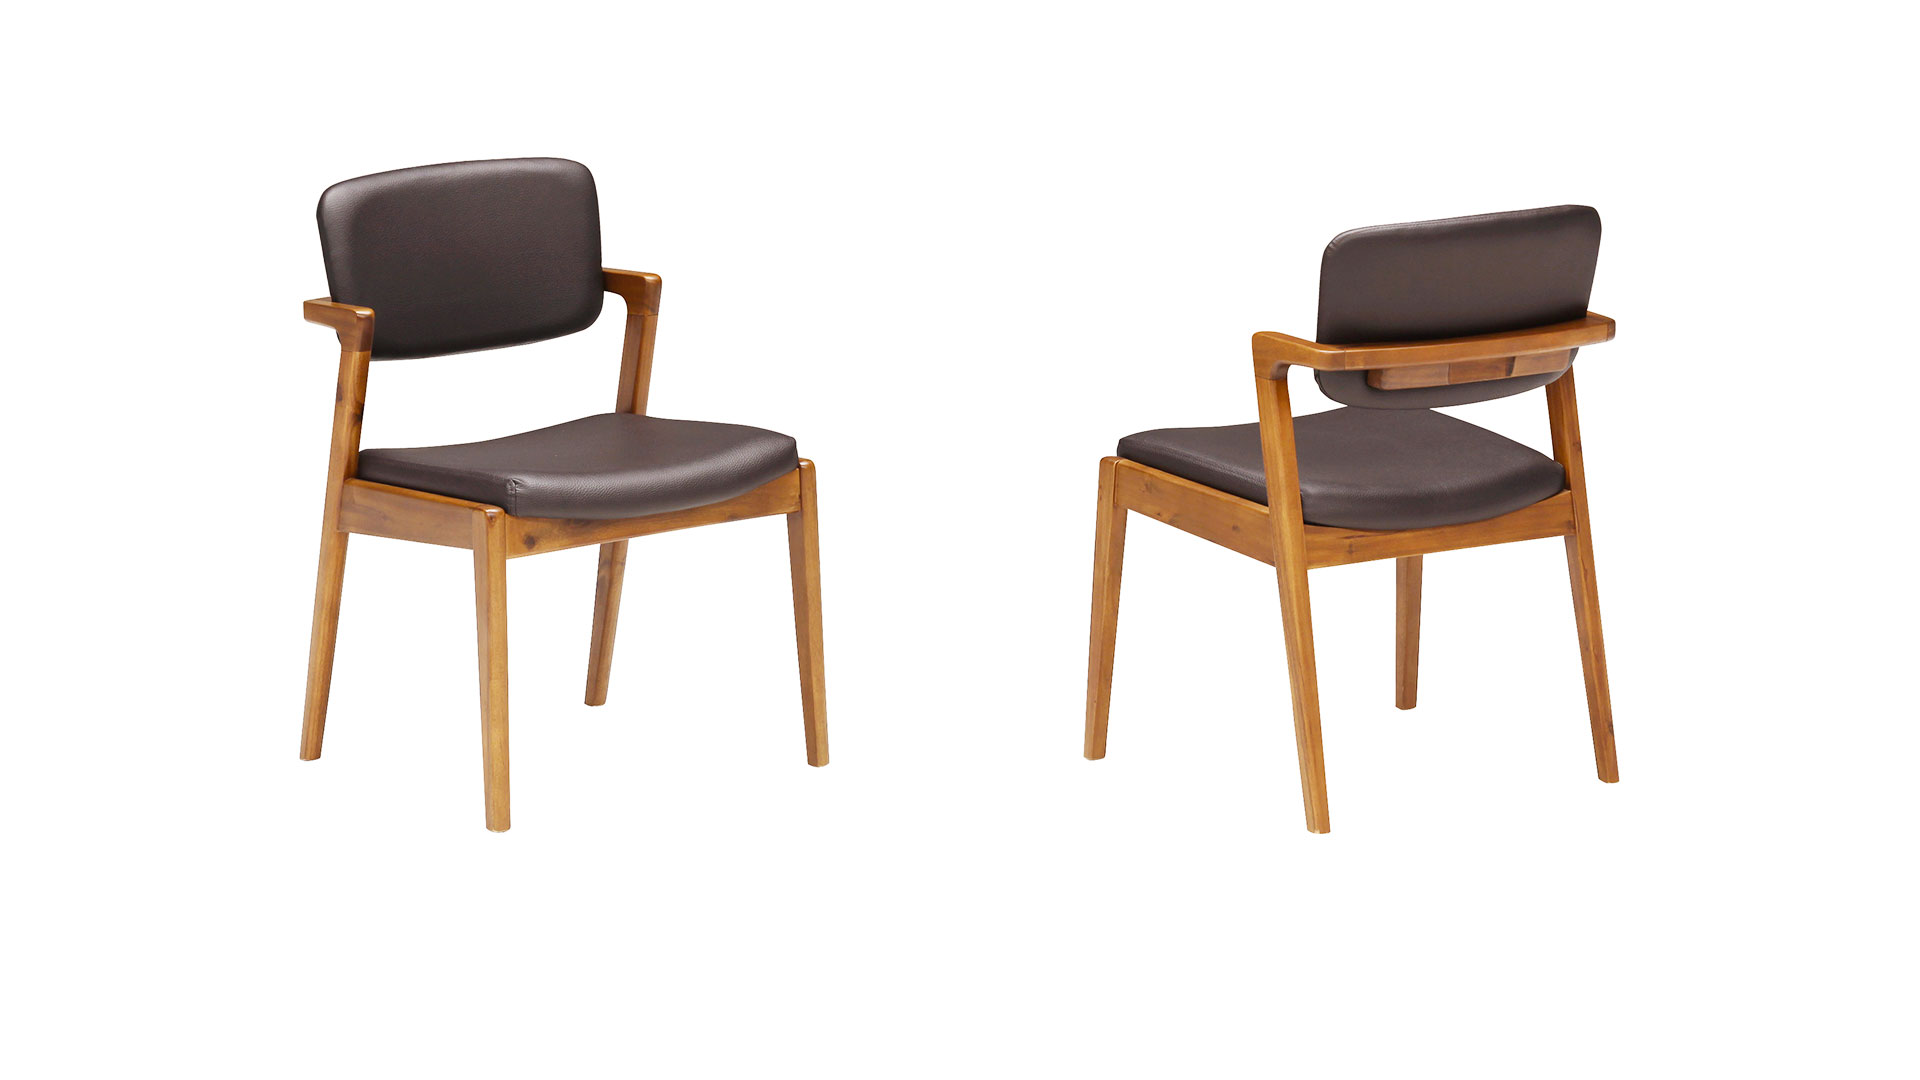 リビンズのダイニングセット「シアトル」の椅子の裏と表の画像